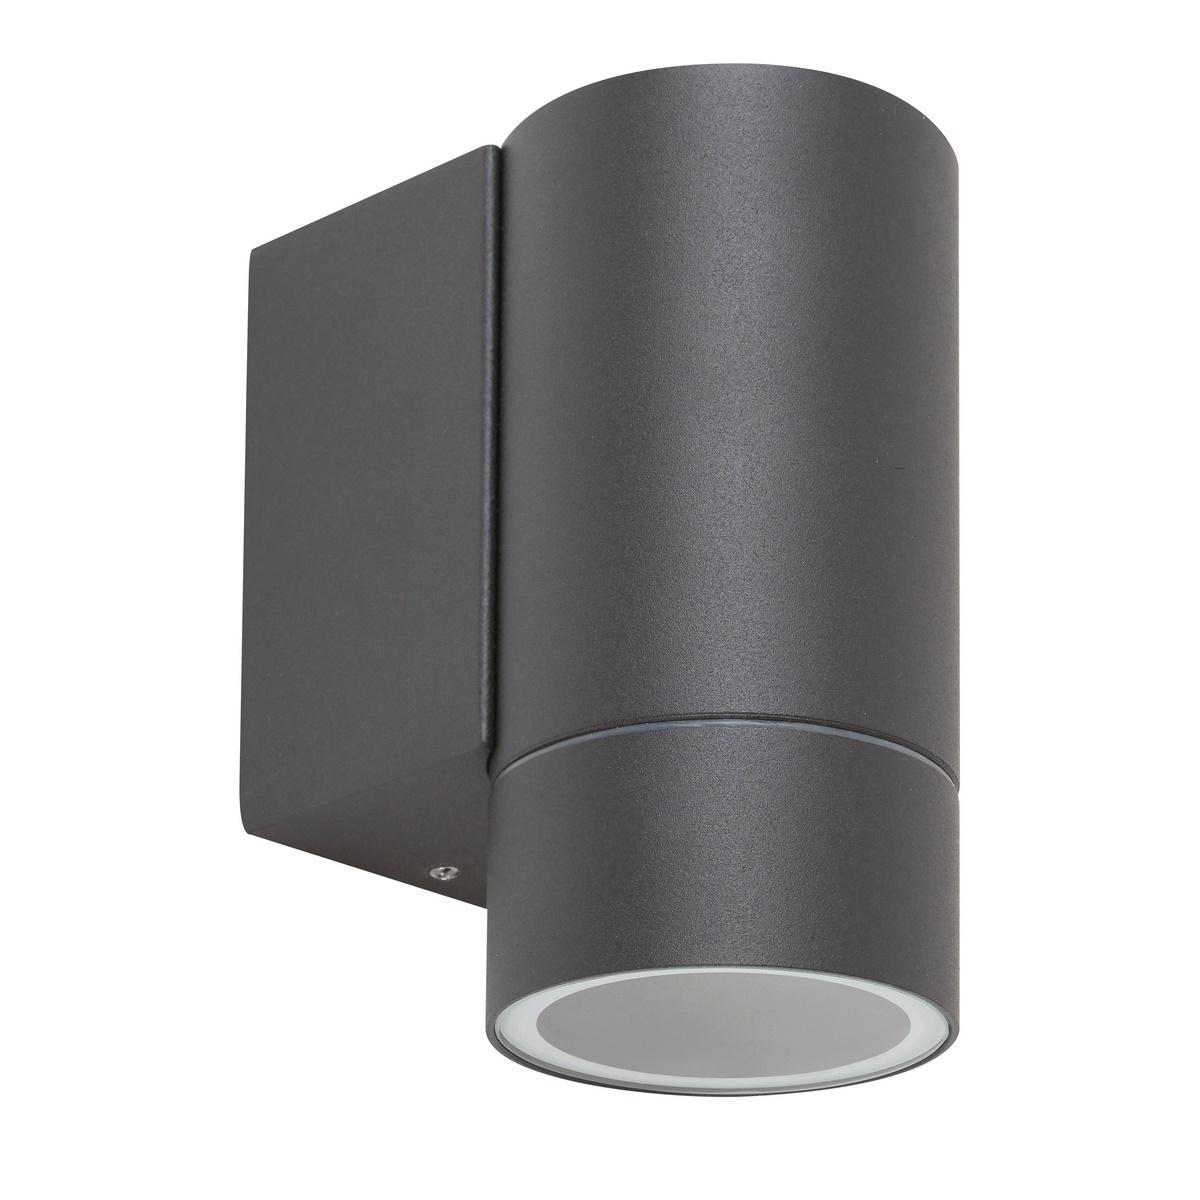 Rabalux 8118 Phoenix Venkovní nástěnné svítidlo, šedá